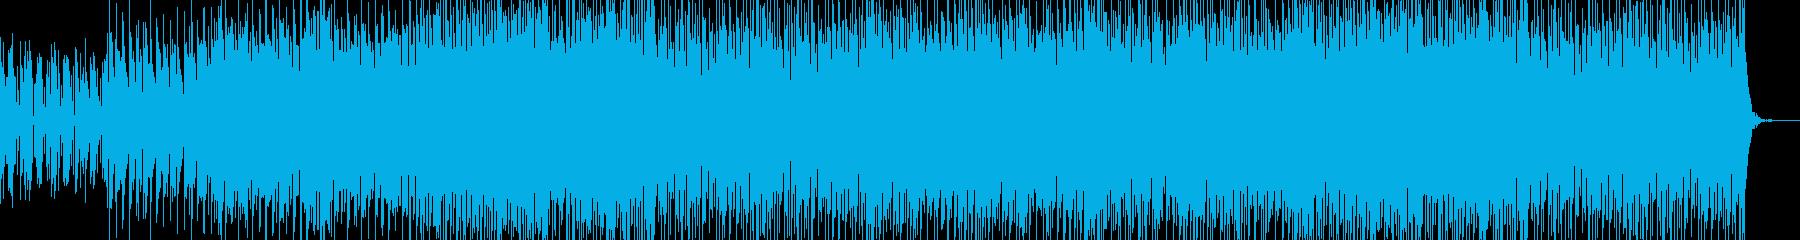 かっこいいリズムのEDMの再生済みの波形